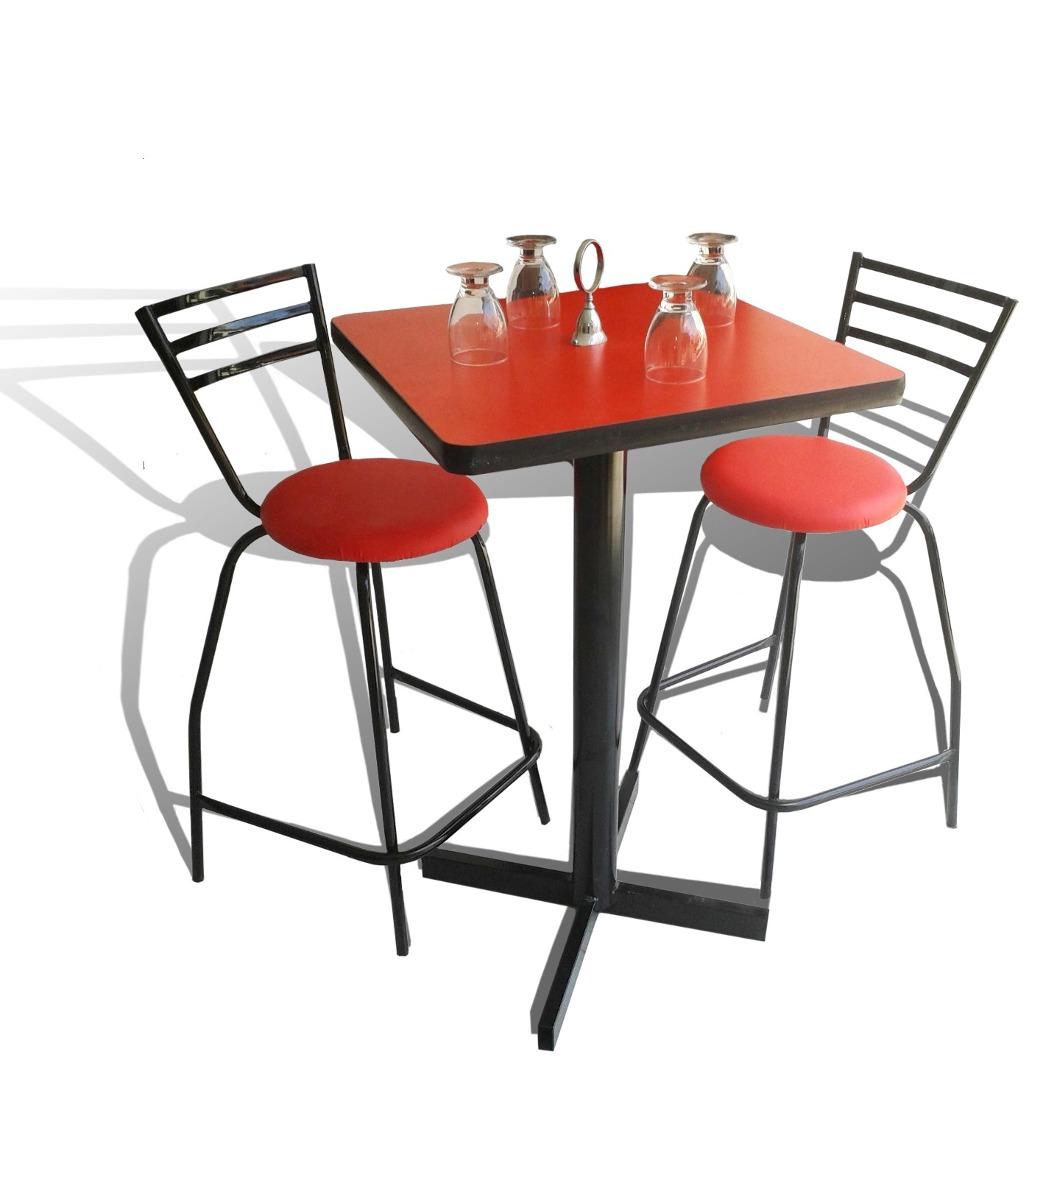 Mesa periquera y 4 bancos bar lounge restaurante 2 400 for Mesas de restaurante precios